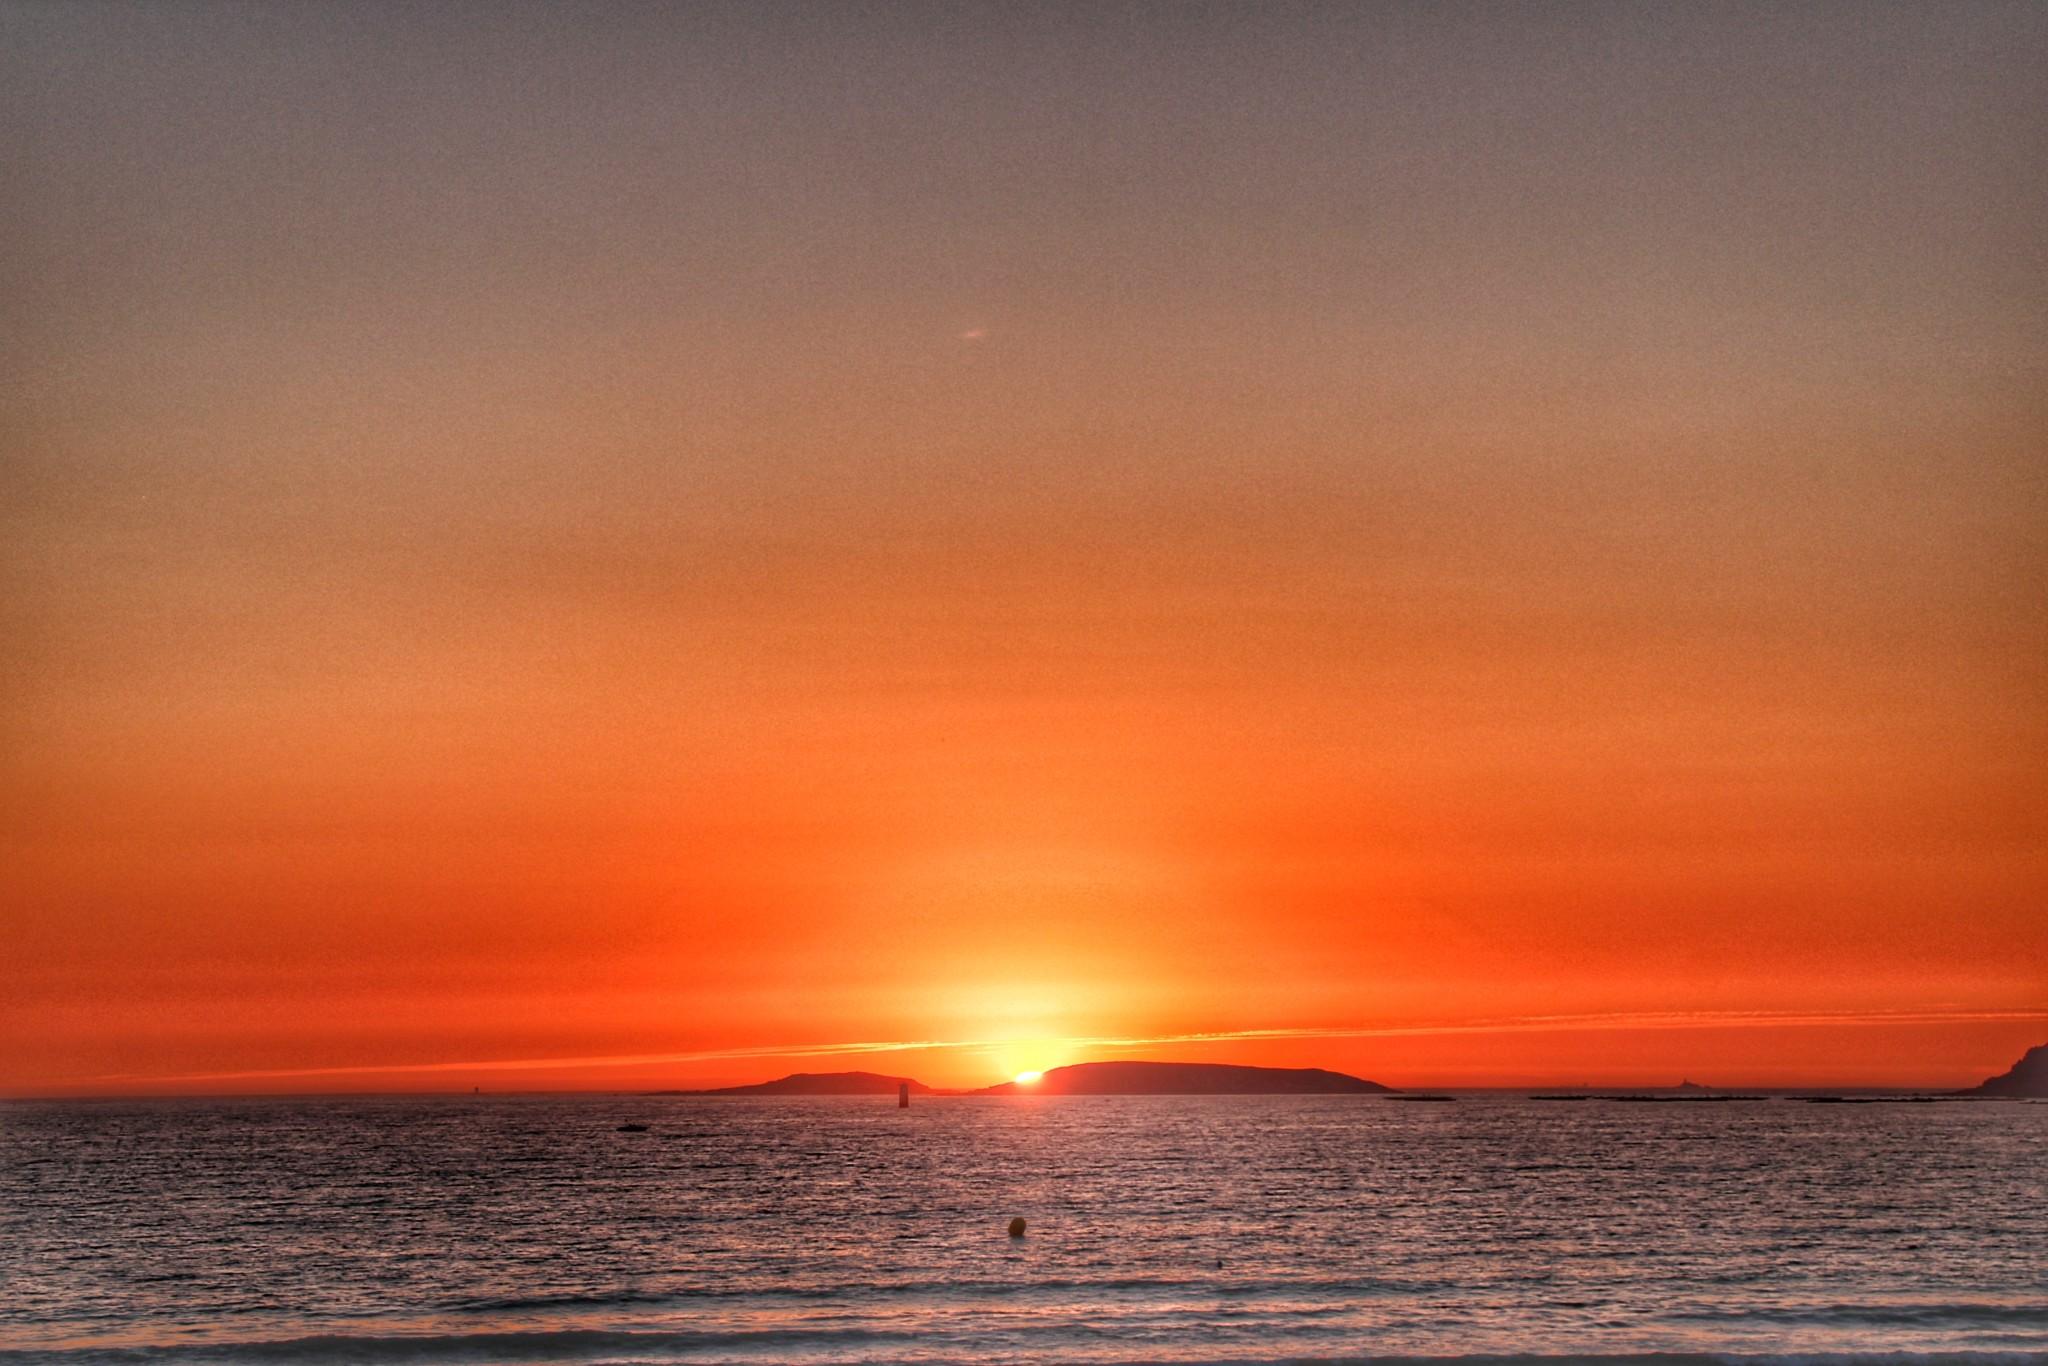 atardecer-sol-playa-america-panxon